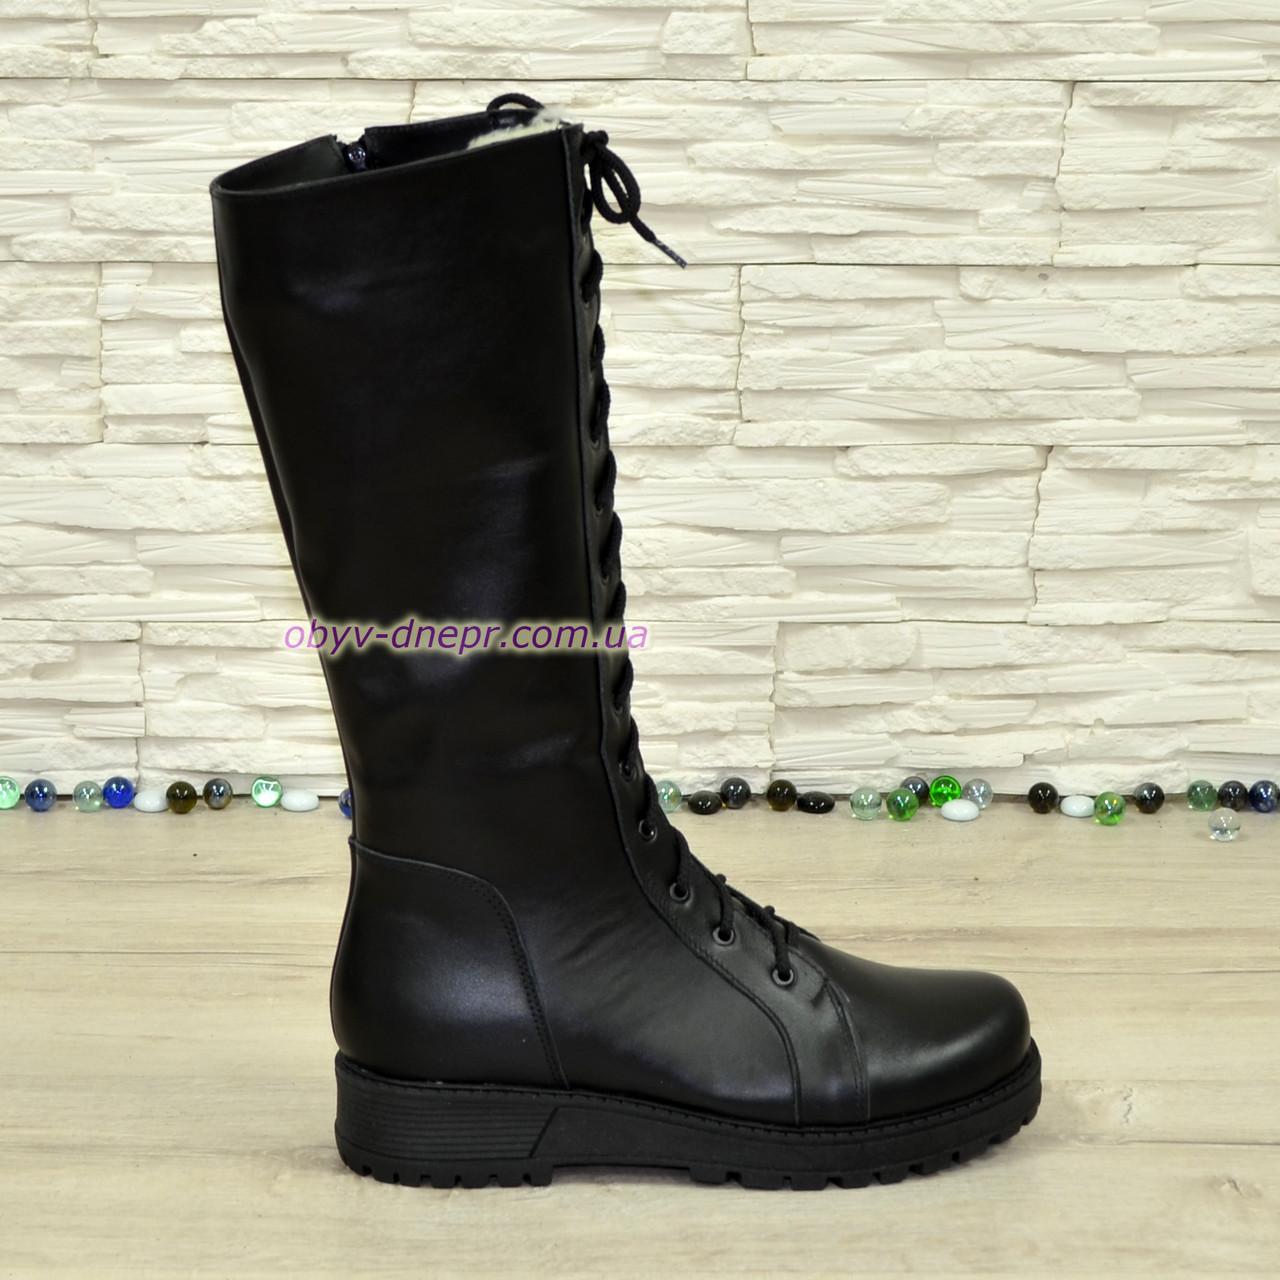 06559ca8 Стильные кожаные зимние сапоги на шнуровке, черный цвет.: продажа ...